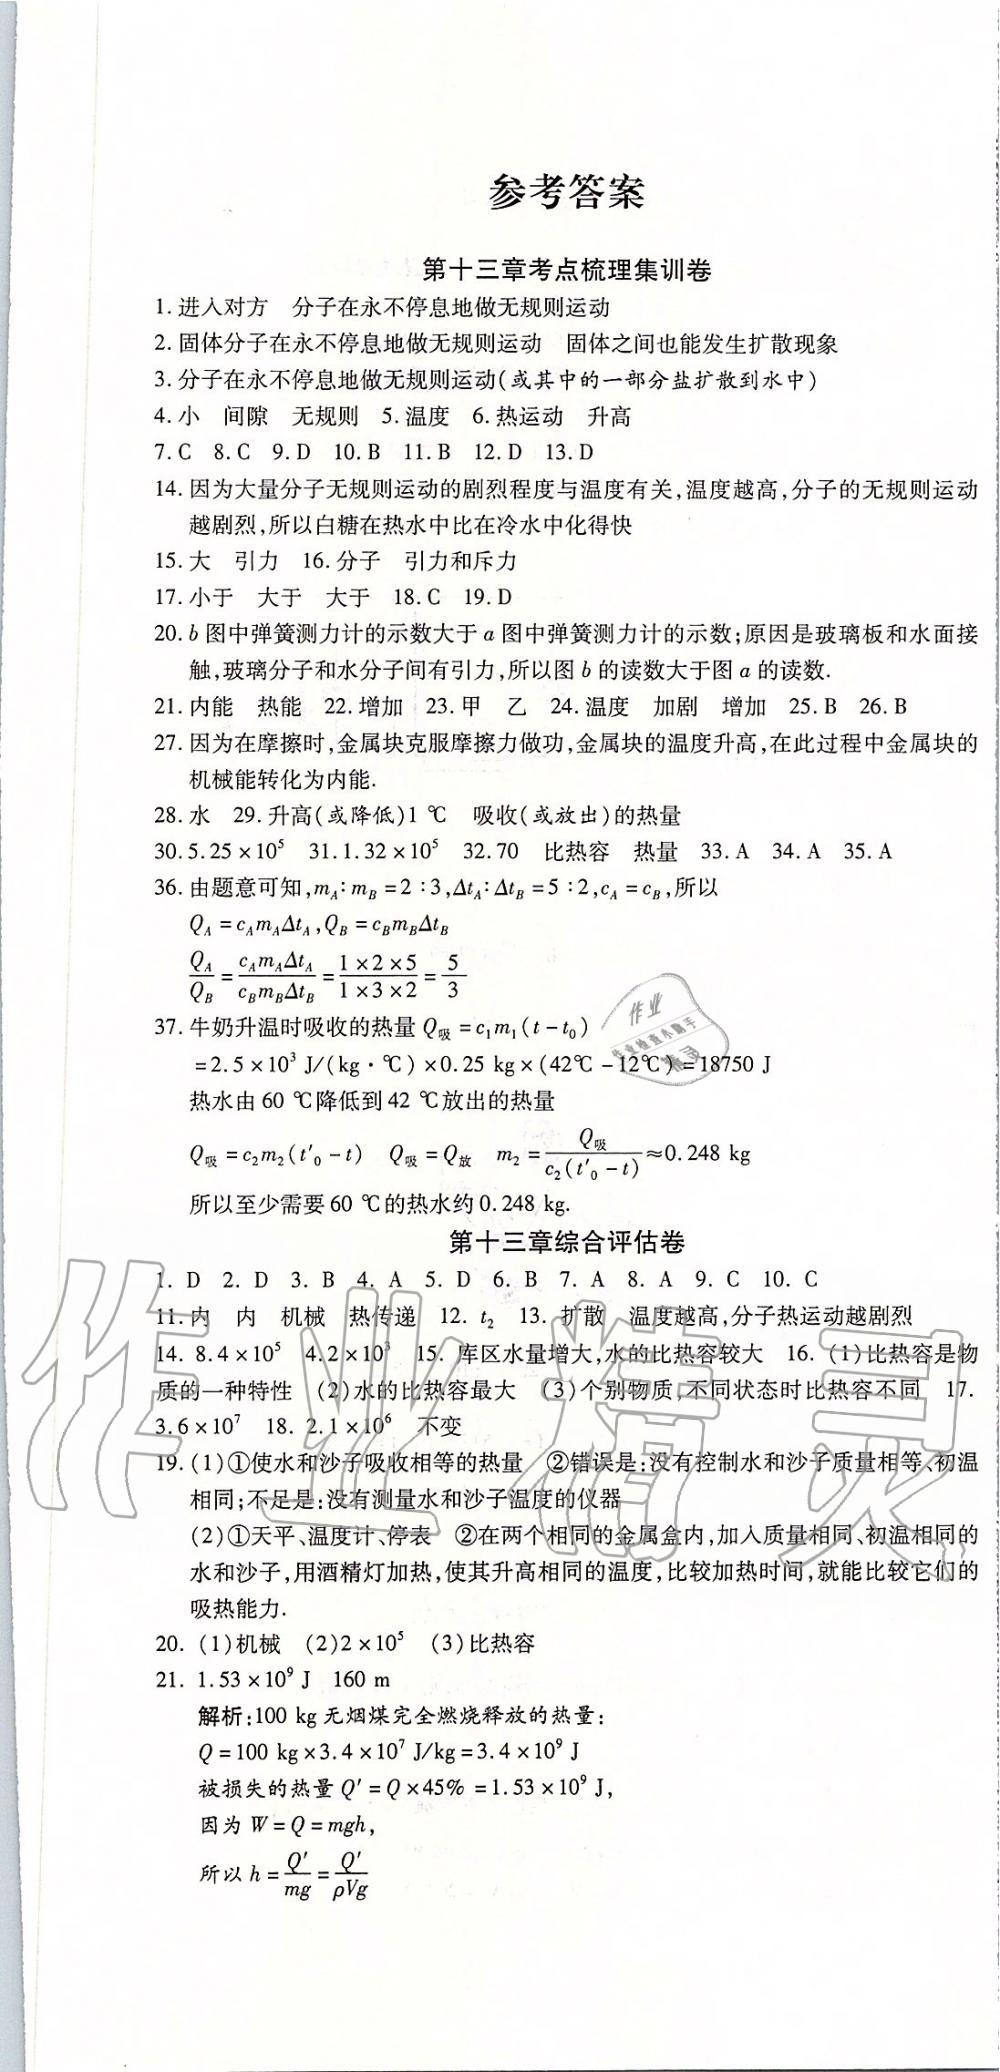 快三天津开奖结果_2019年一线调研卷九年级物理全一册人教版第1页